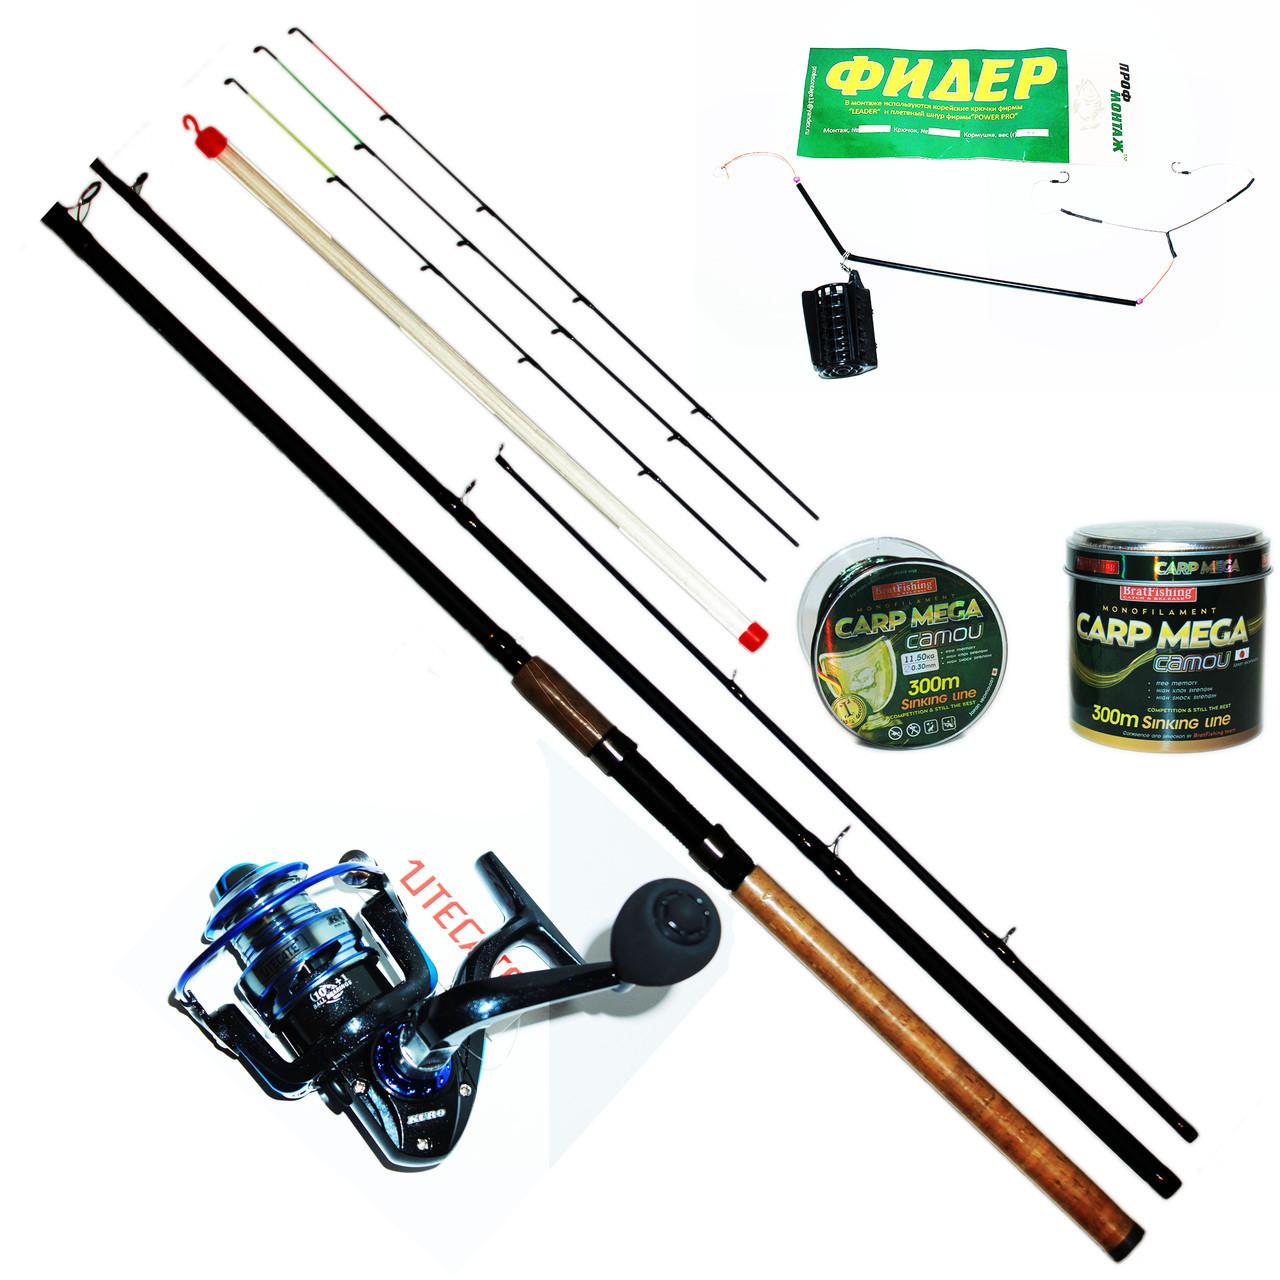 Фидерный спиннинг набор Bratfishing TAIPAN FEEDER 3.90м. / 80-180 g